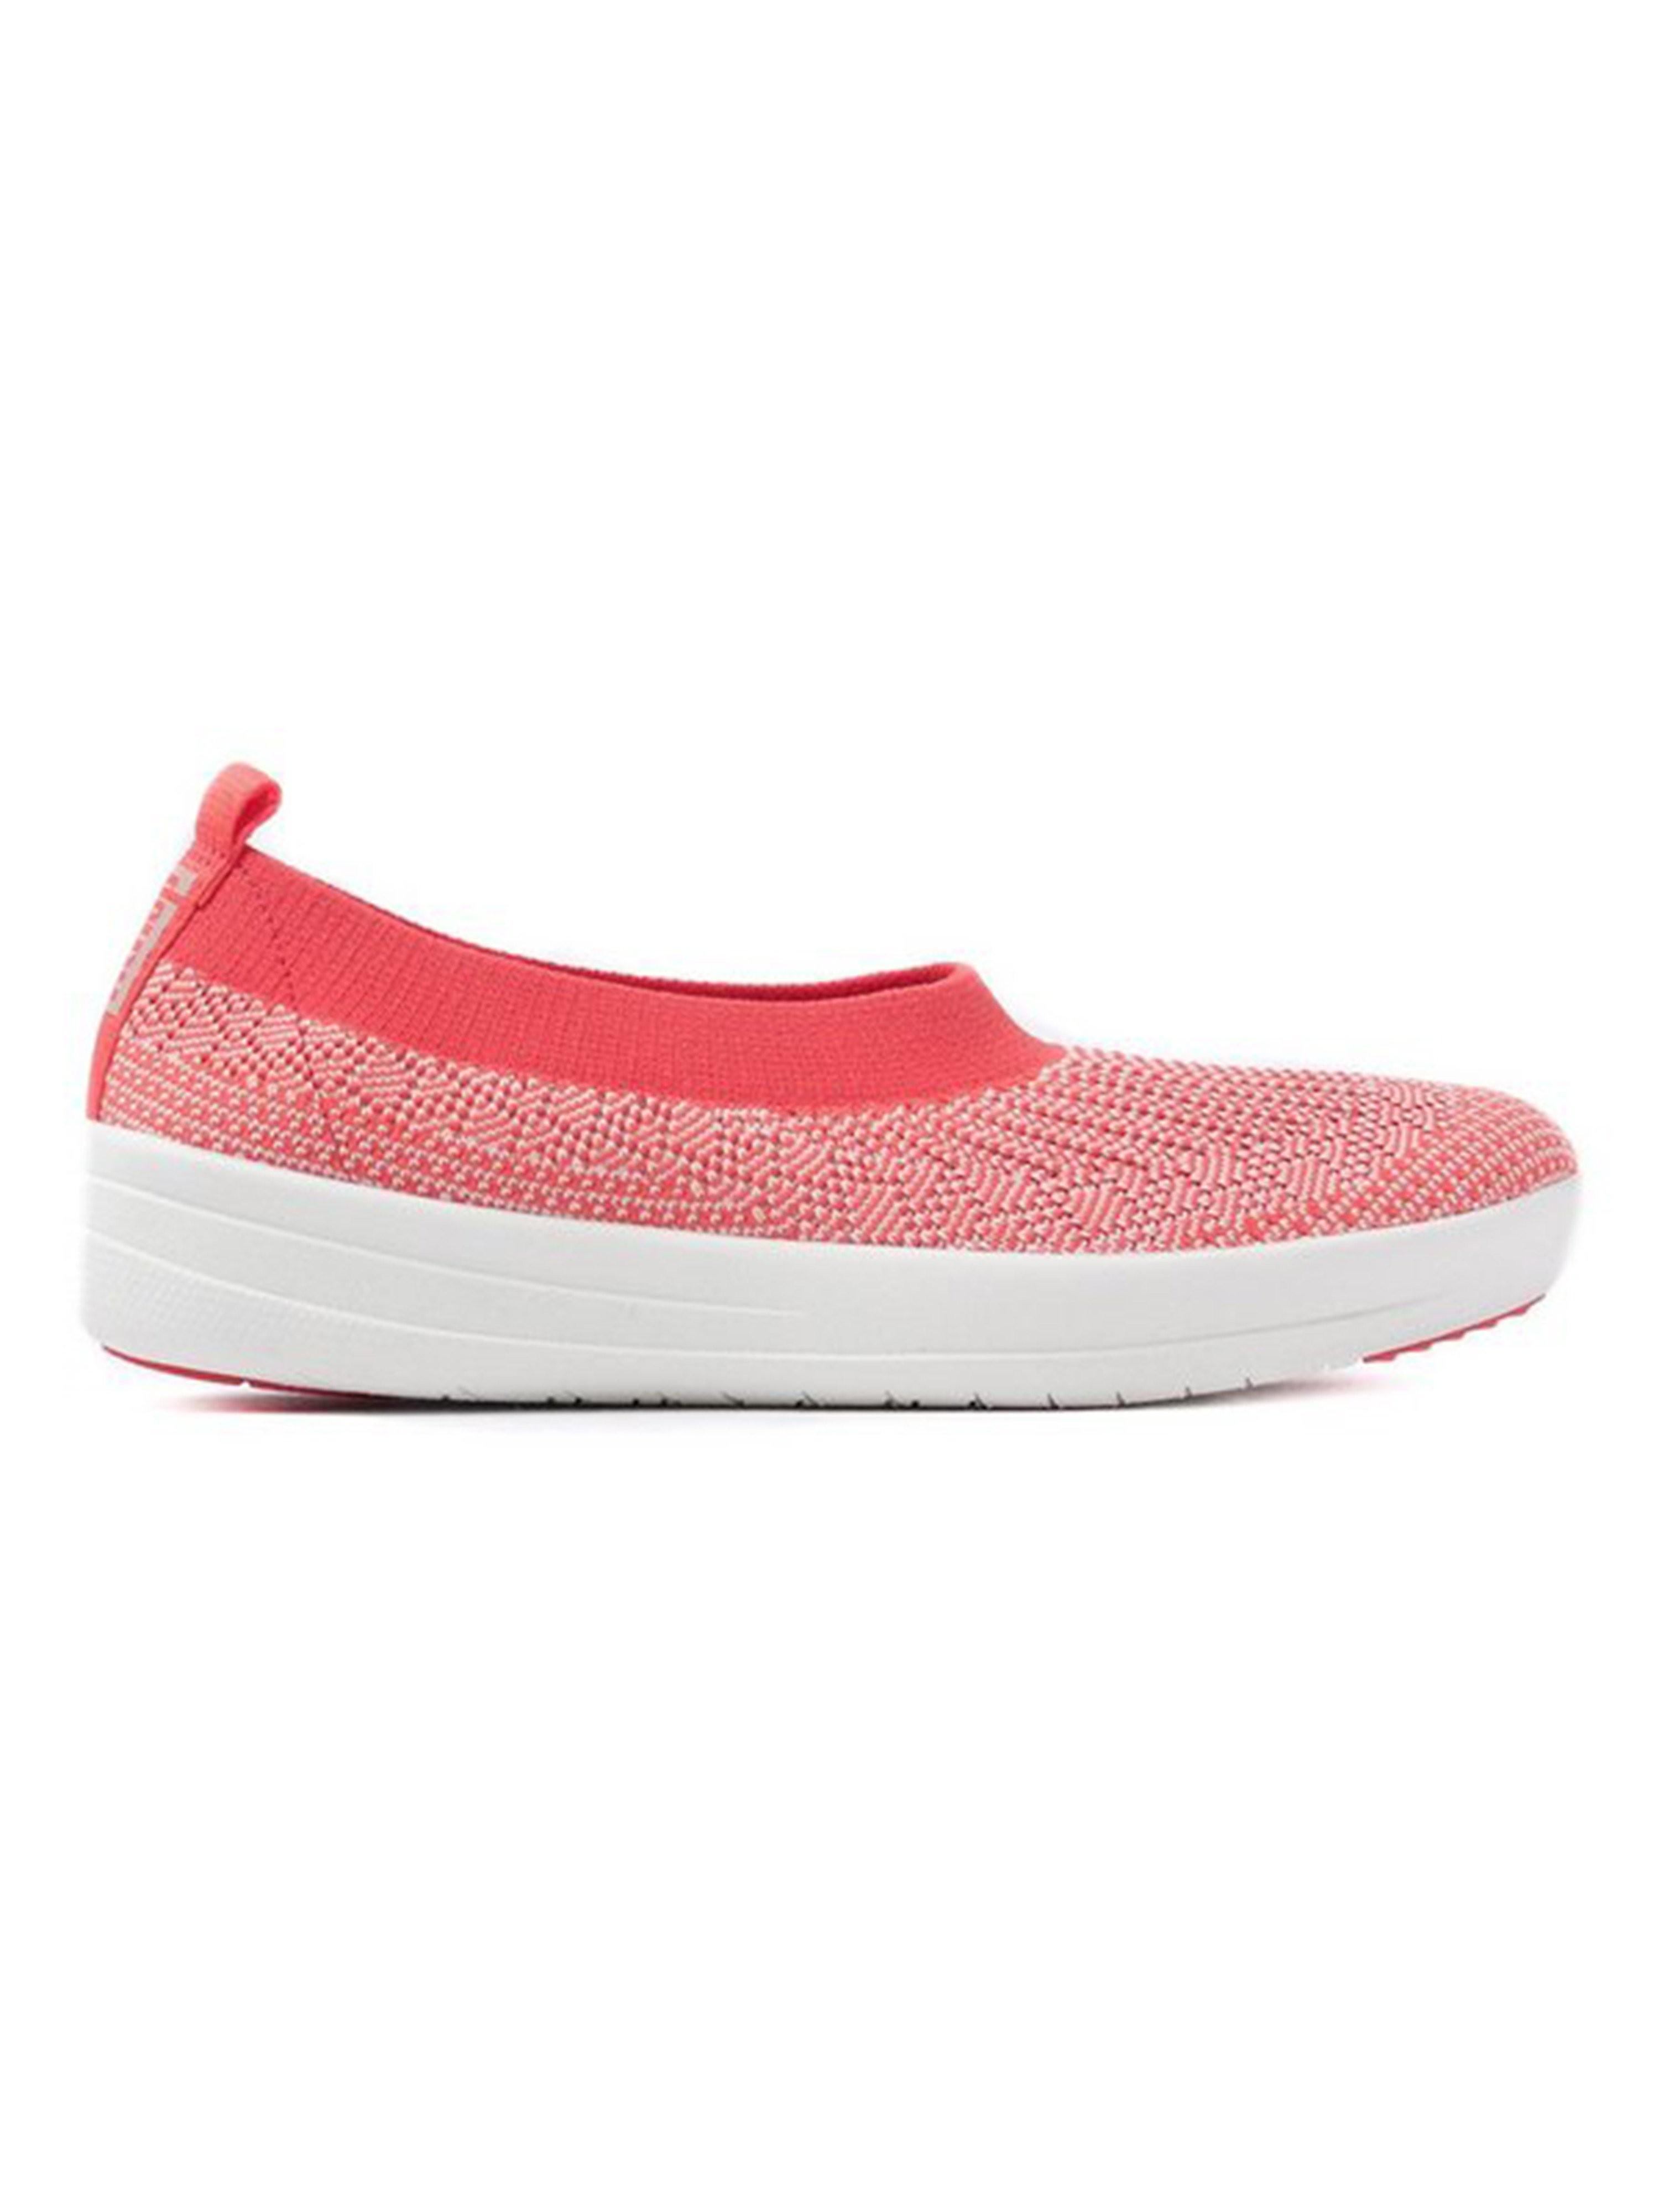 FitFlop Women's Überknit Slip-On Ballerinas - Hot Coral & Neon Blush